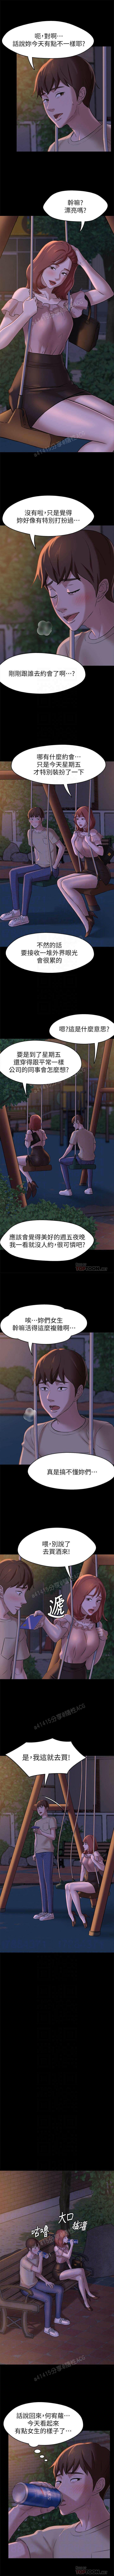 panty note 小褲褲筆記 小裤裤笔记 01-35 连载中 中文 重新排序 Reorder 88